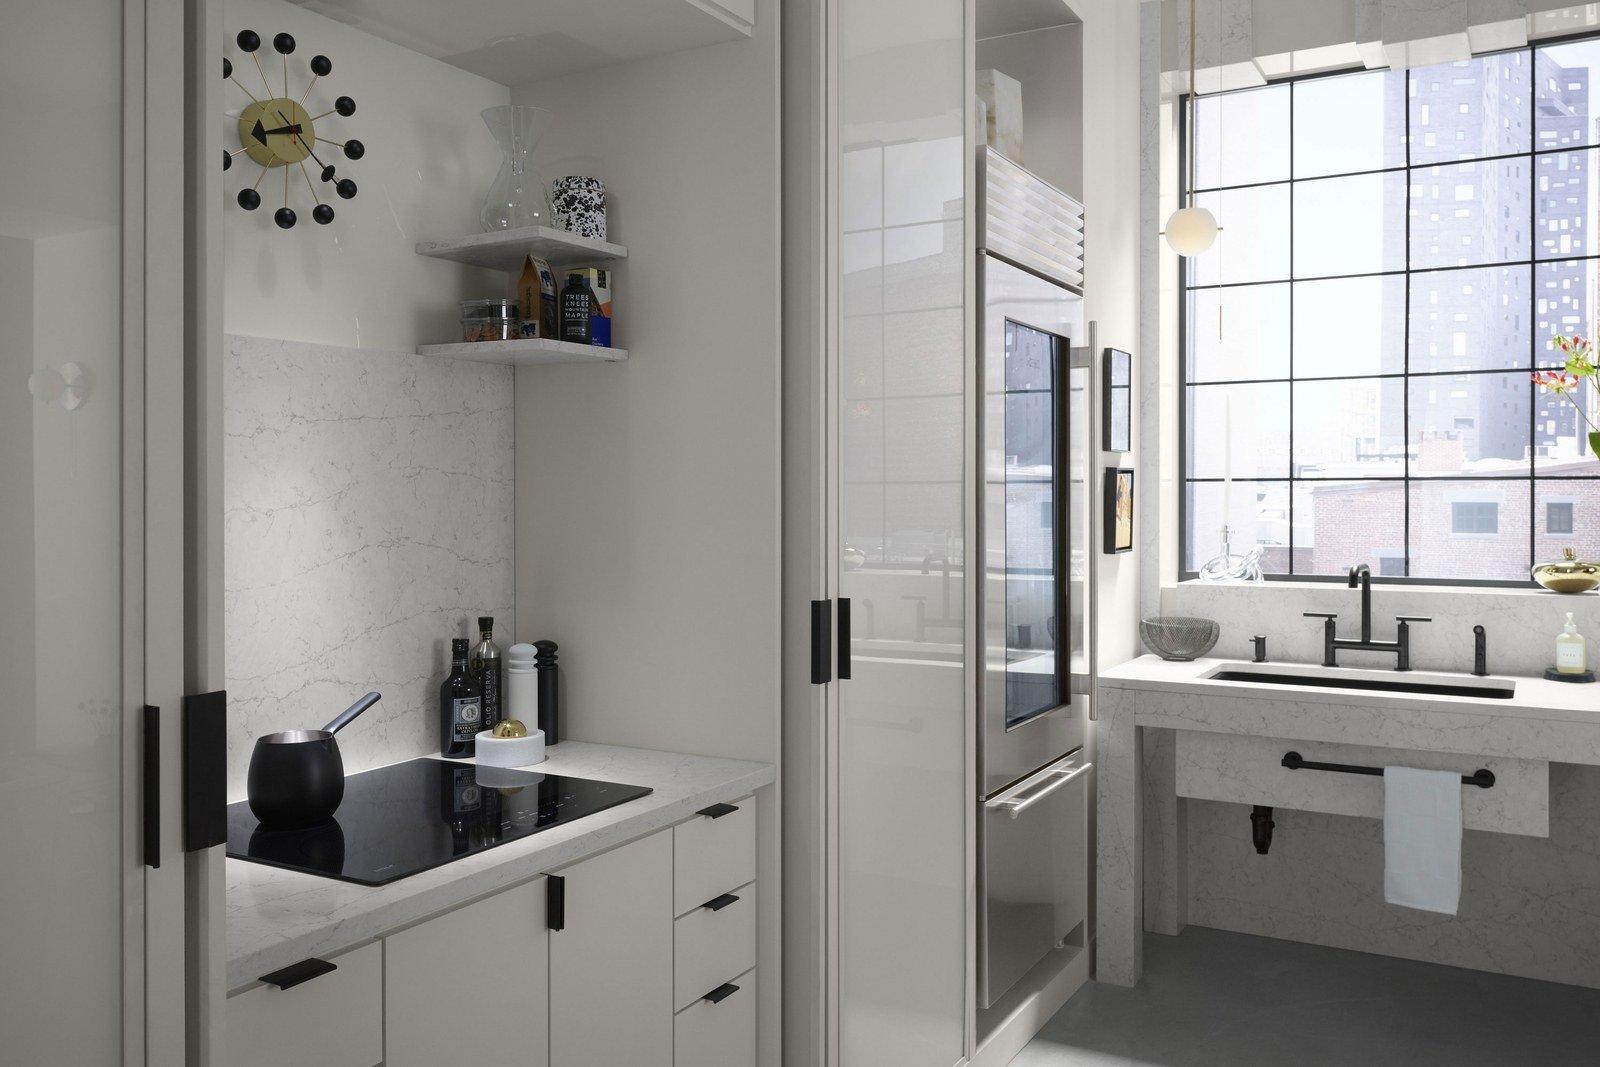 Kitchen Decor Ideas for Apartment Fresh How to Decorate A Studio Apartment Tips for Studio Living & Decor